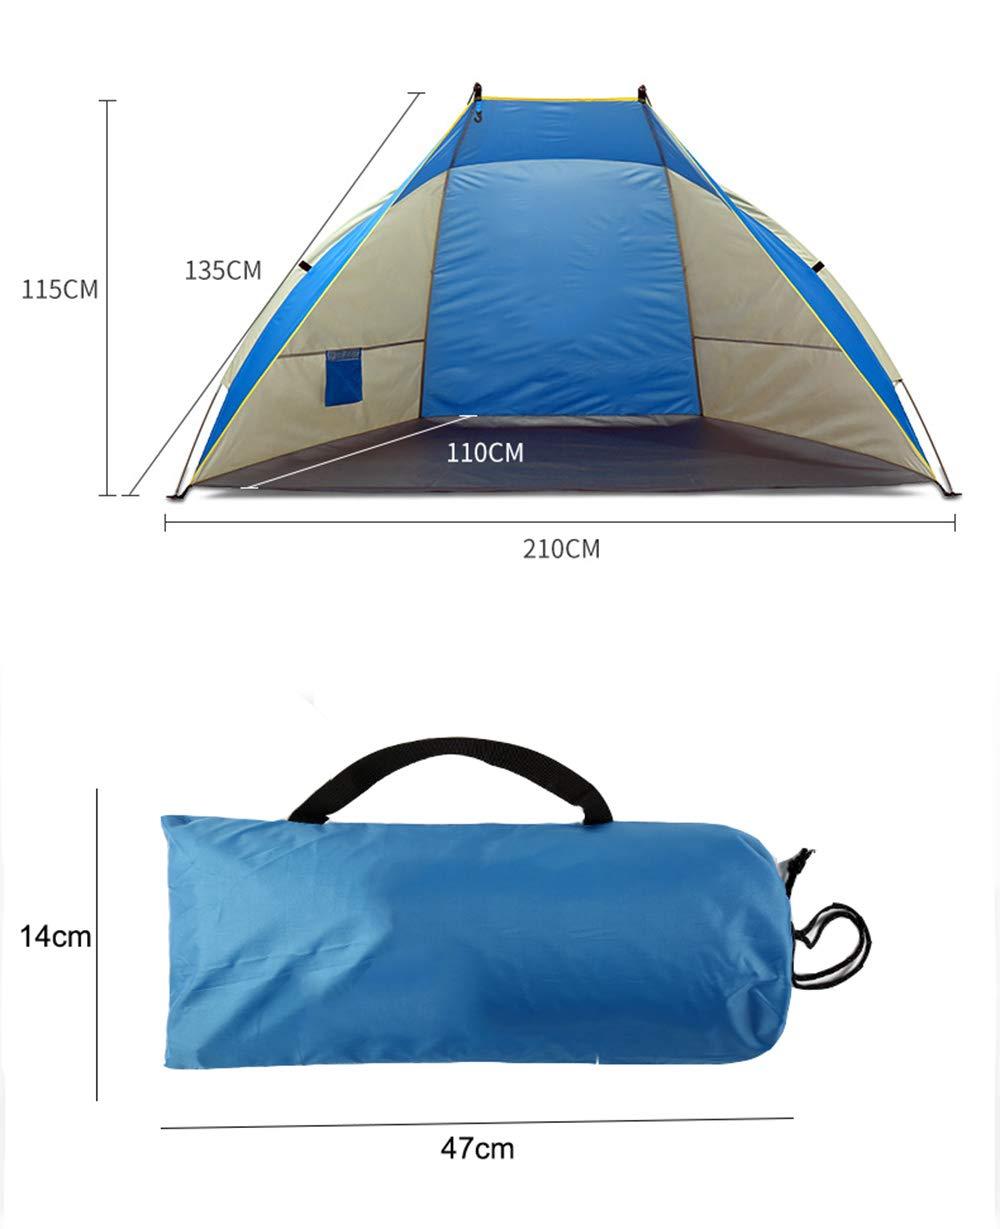 Blau Backpacking Tent - Ultralight 2 Person 3-Season 3-Season 3